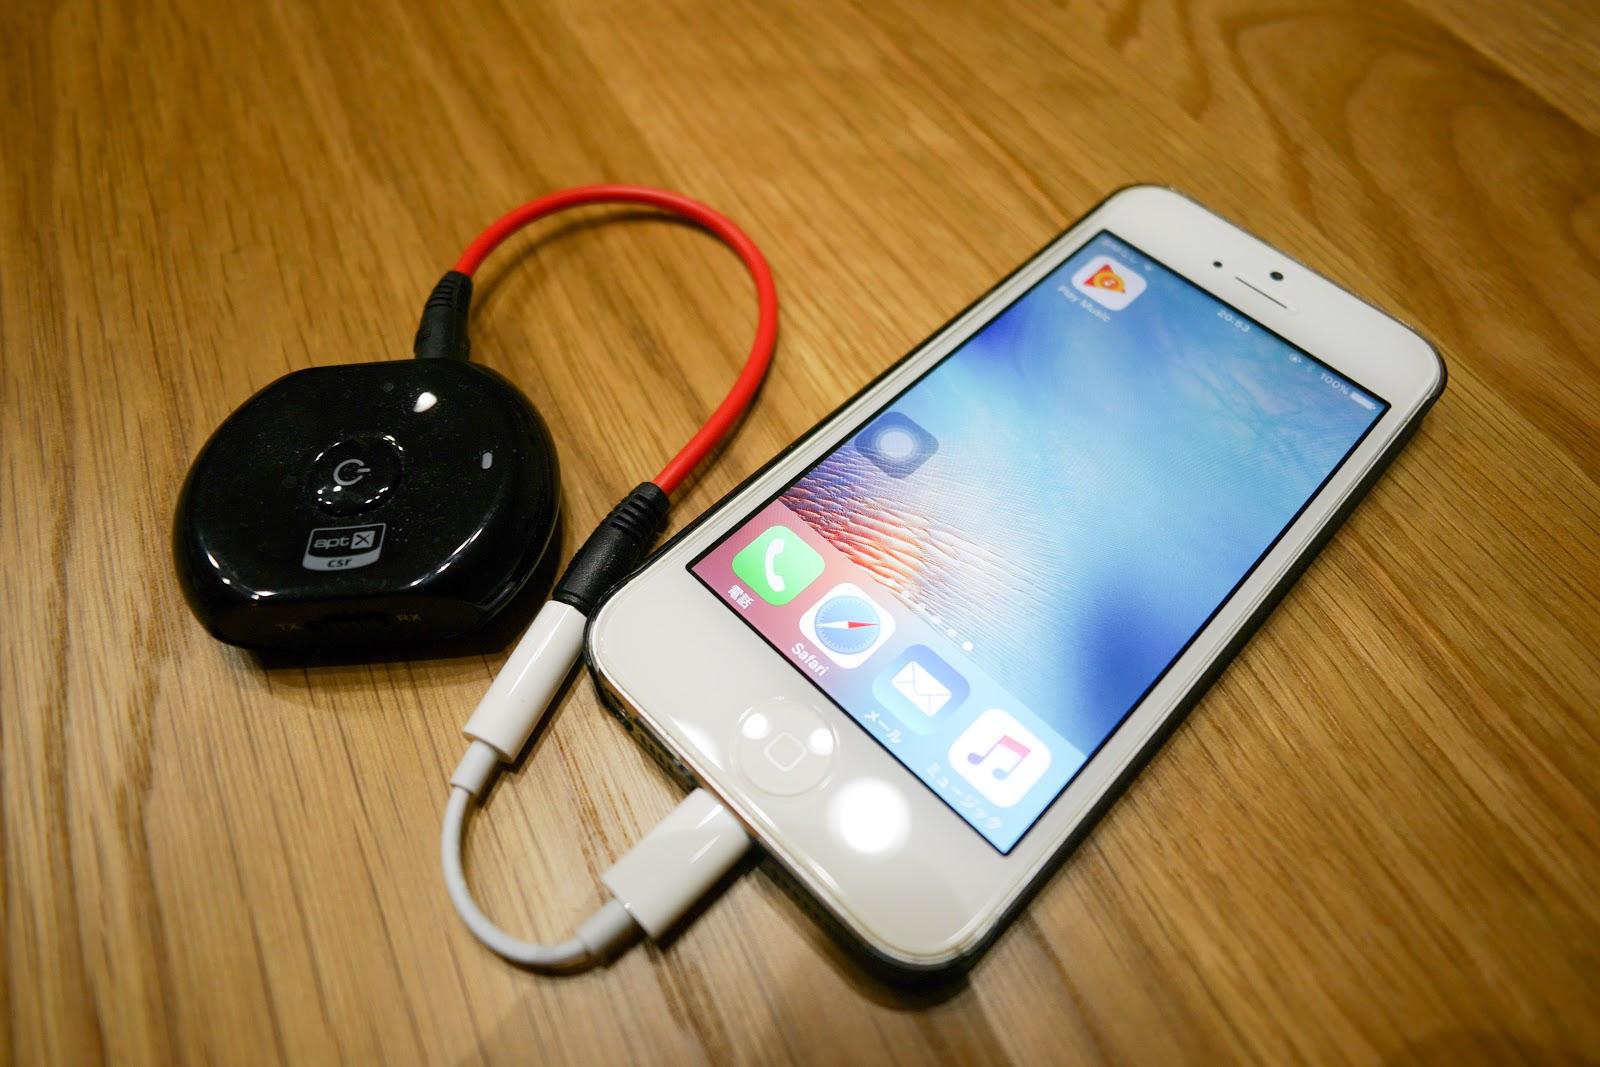 aptx iphone 7 plus